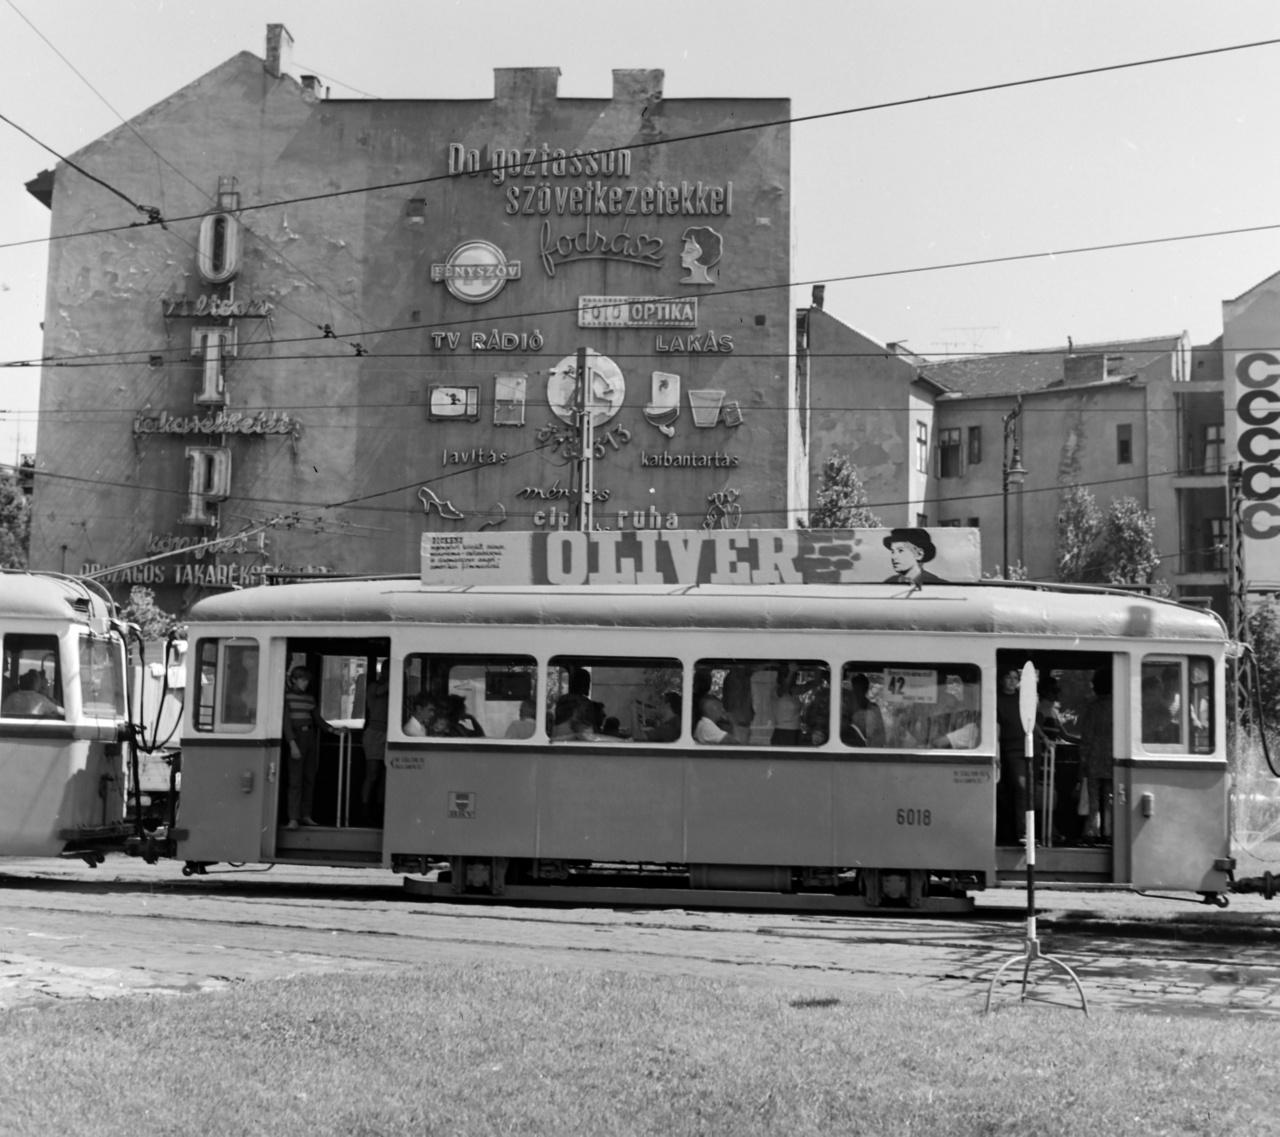 A villamos tetejére erősített tartókat is előszeretettel használták mozihirdetésekre. A kiskörúton közlekedő villamos felett jól látni, milyen sűrűn helyeztek el fényreklámokat a nagy felületű tűzfalon.